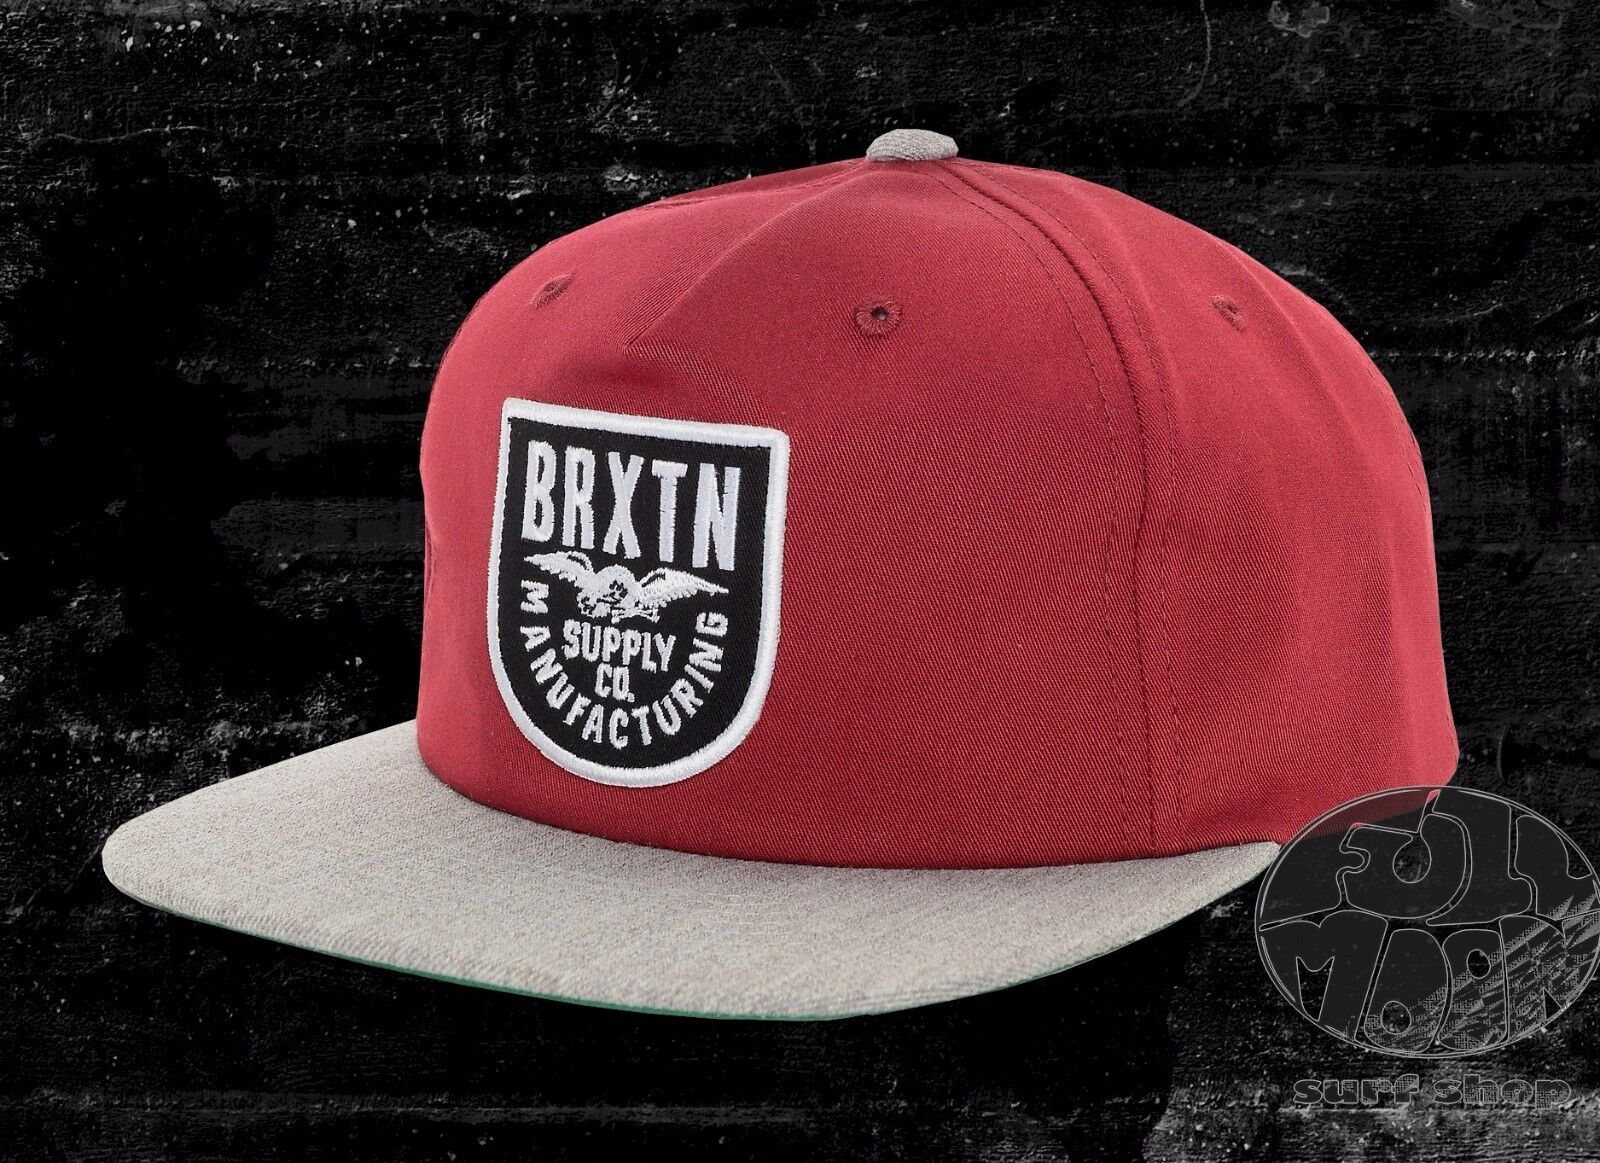 New Brixton Alliance Heather Burgundy & Heather Alliance Grey Mens Snapback Cap Hat d1b11a